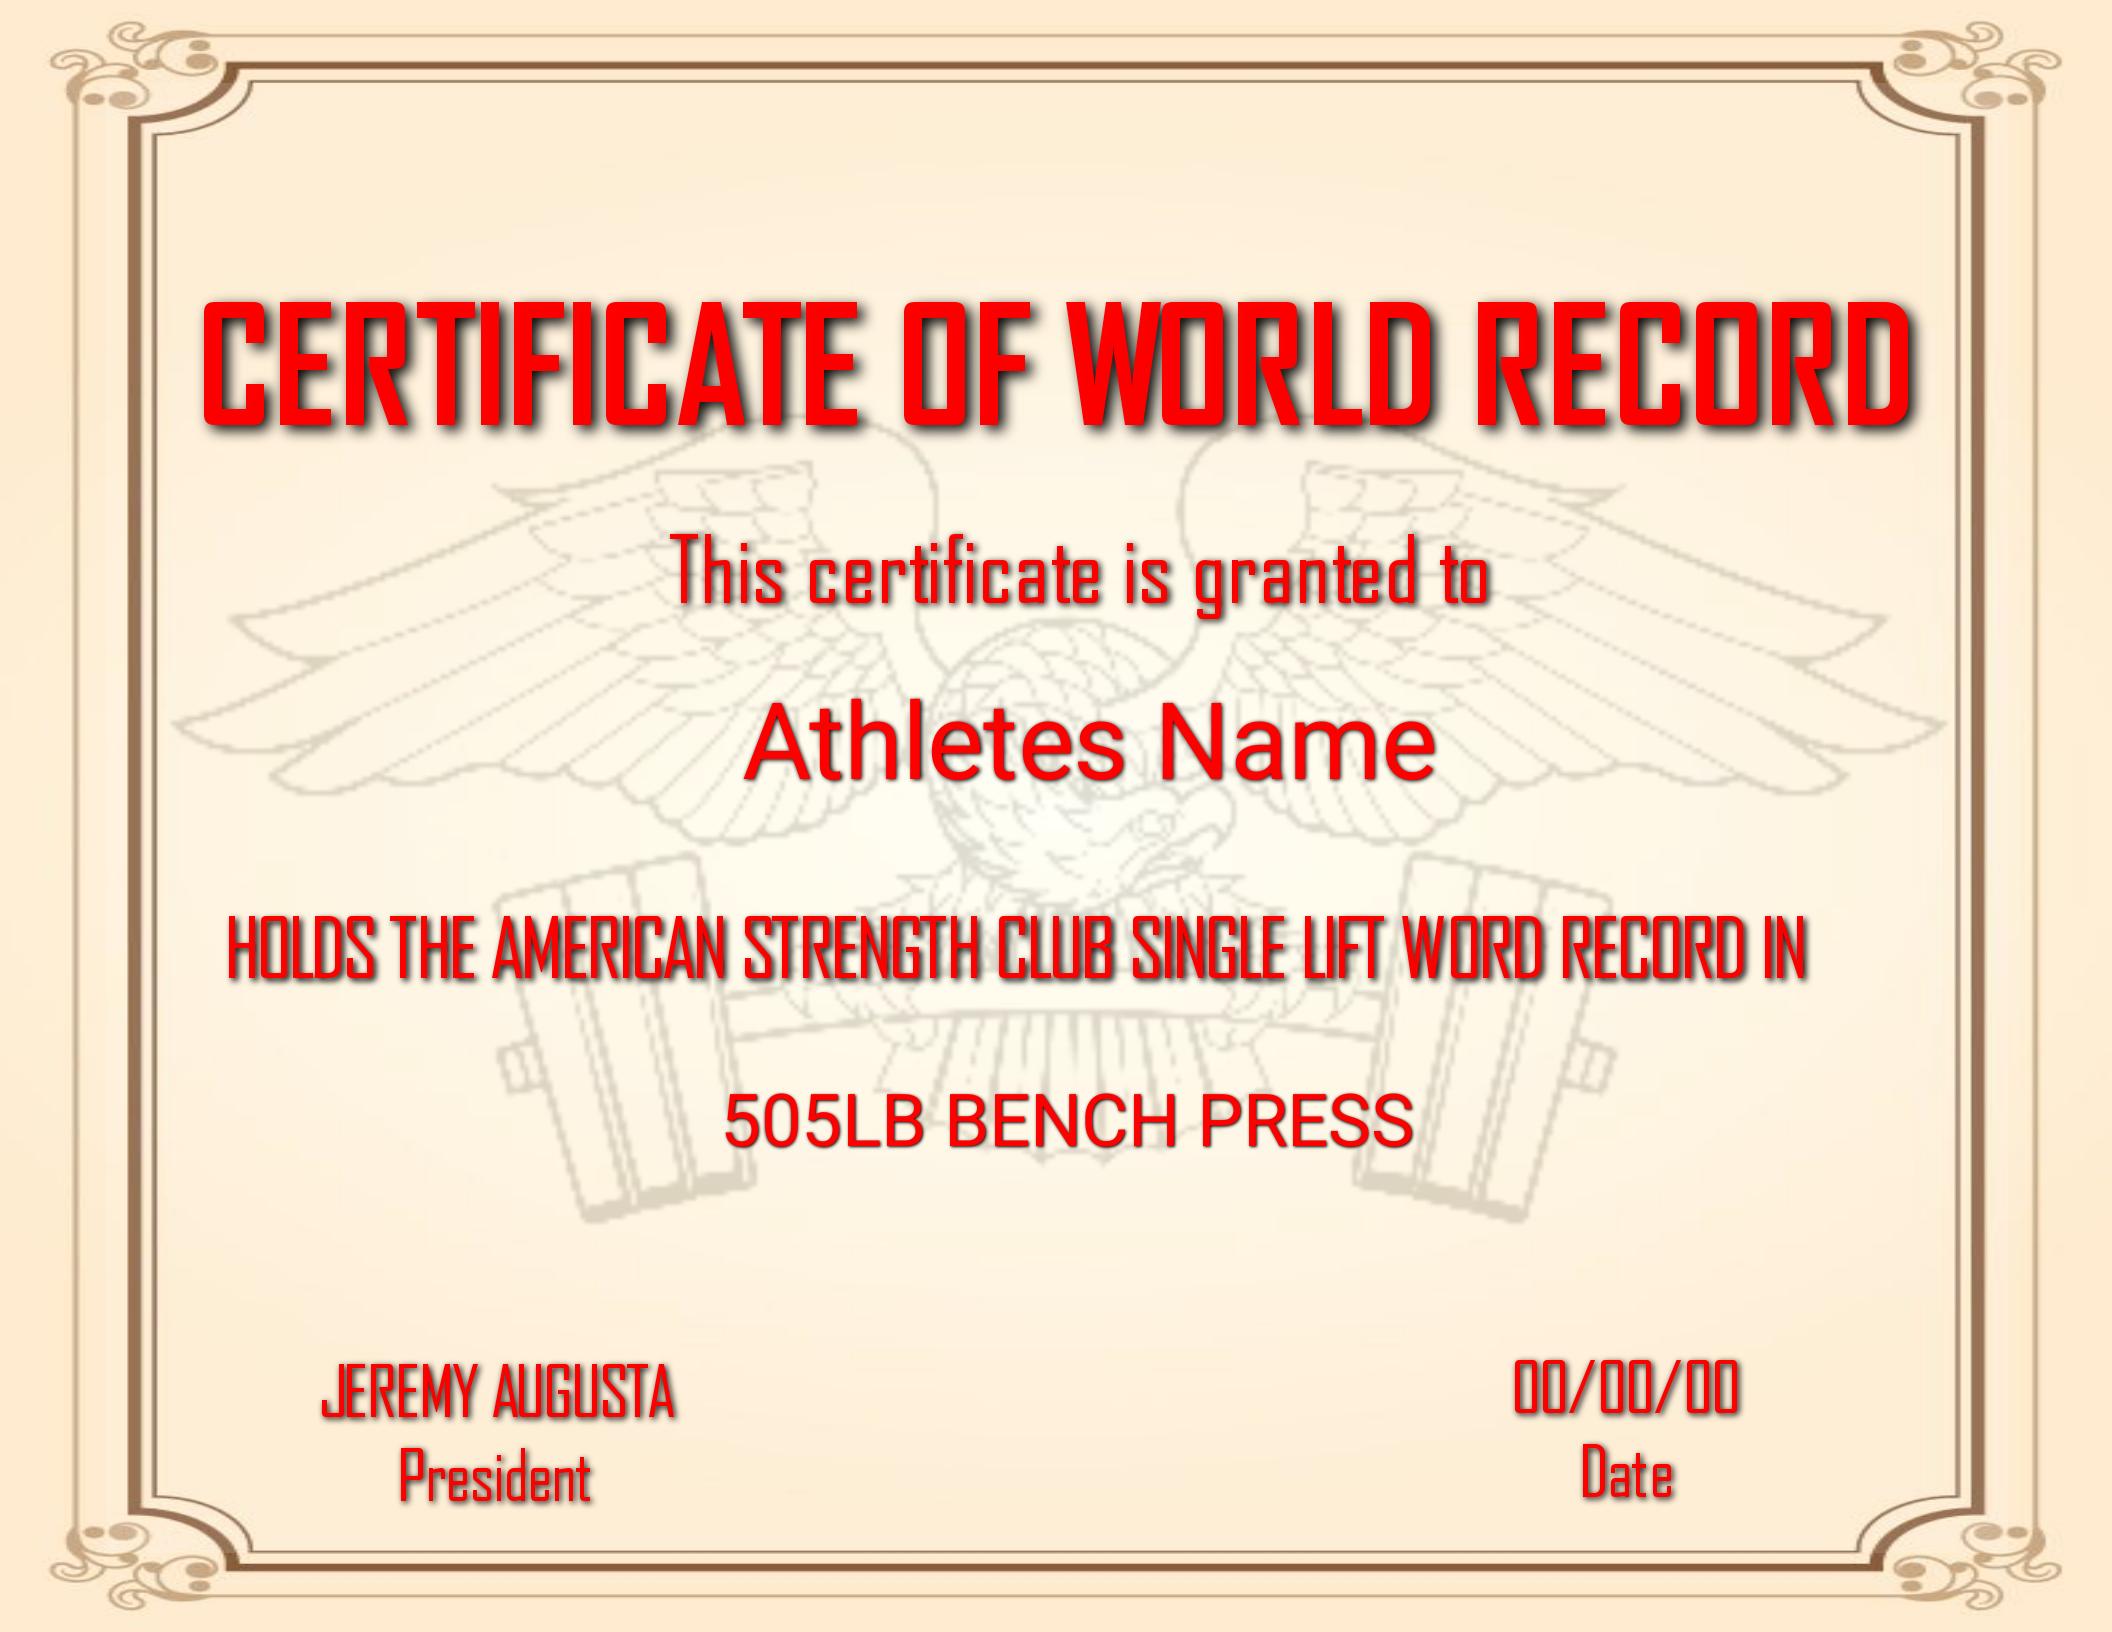 RecordCert